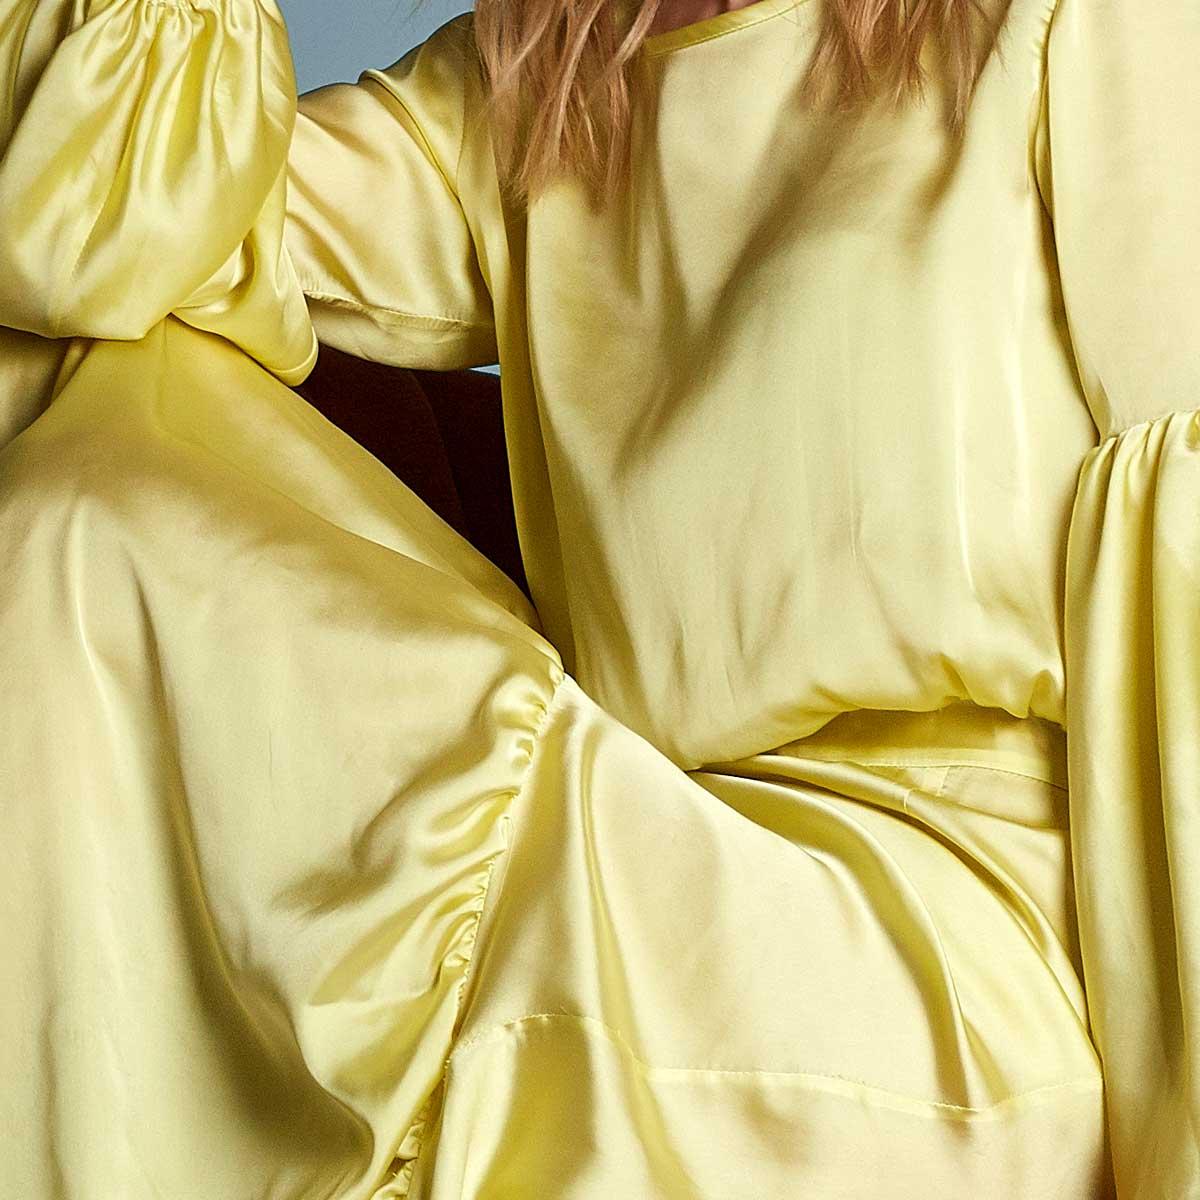 Gudnitz Copenhagen. SS18 Gaia Limeyellow Dress. Dress Up. Lime Dress. Dresses. Party dress. Cocktail dress. Evening wear. Dinner dress. Party dress. Designer dress. Casual dress. Summer dress. Spring dress